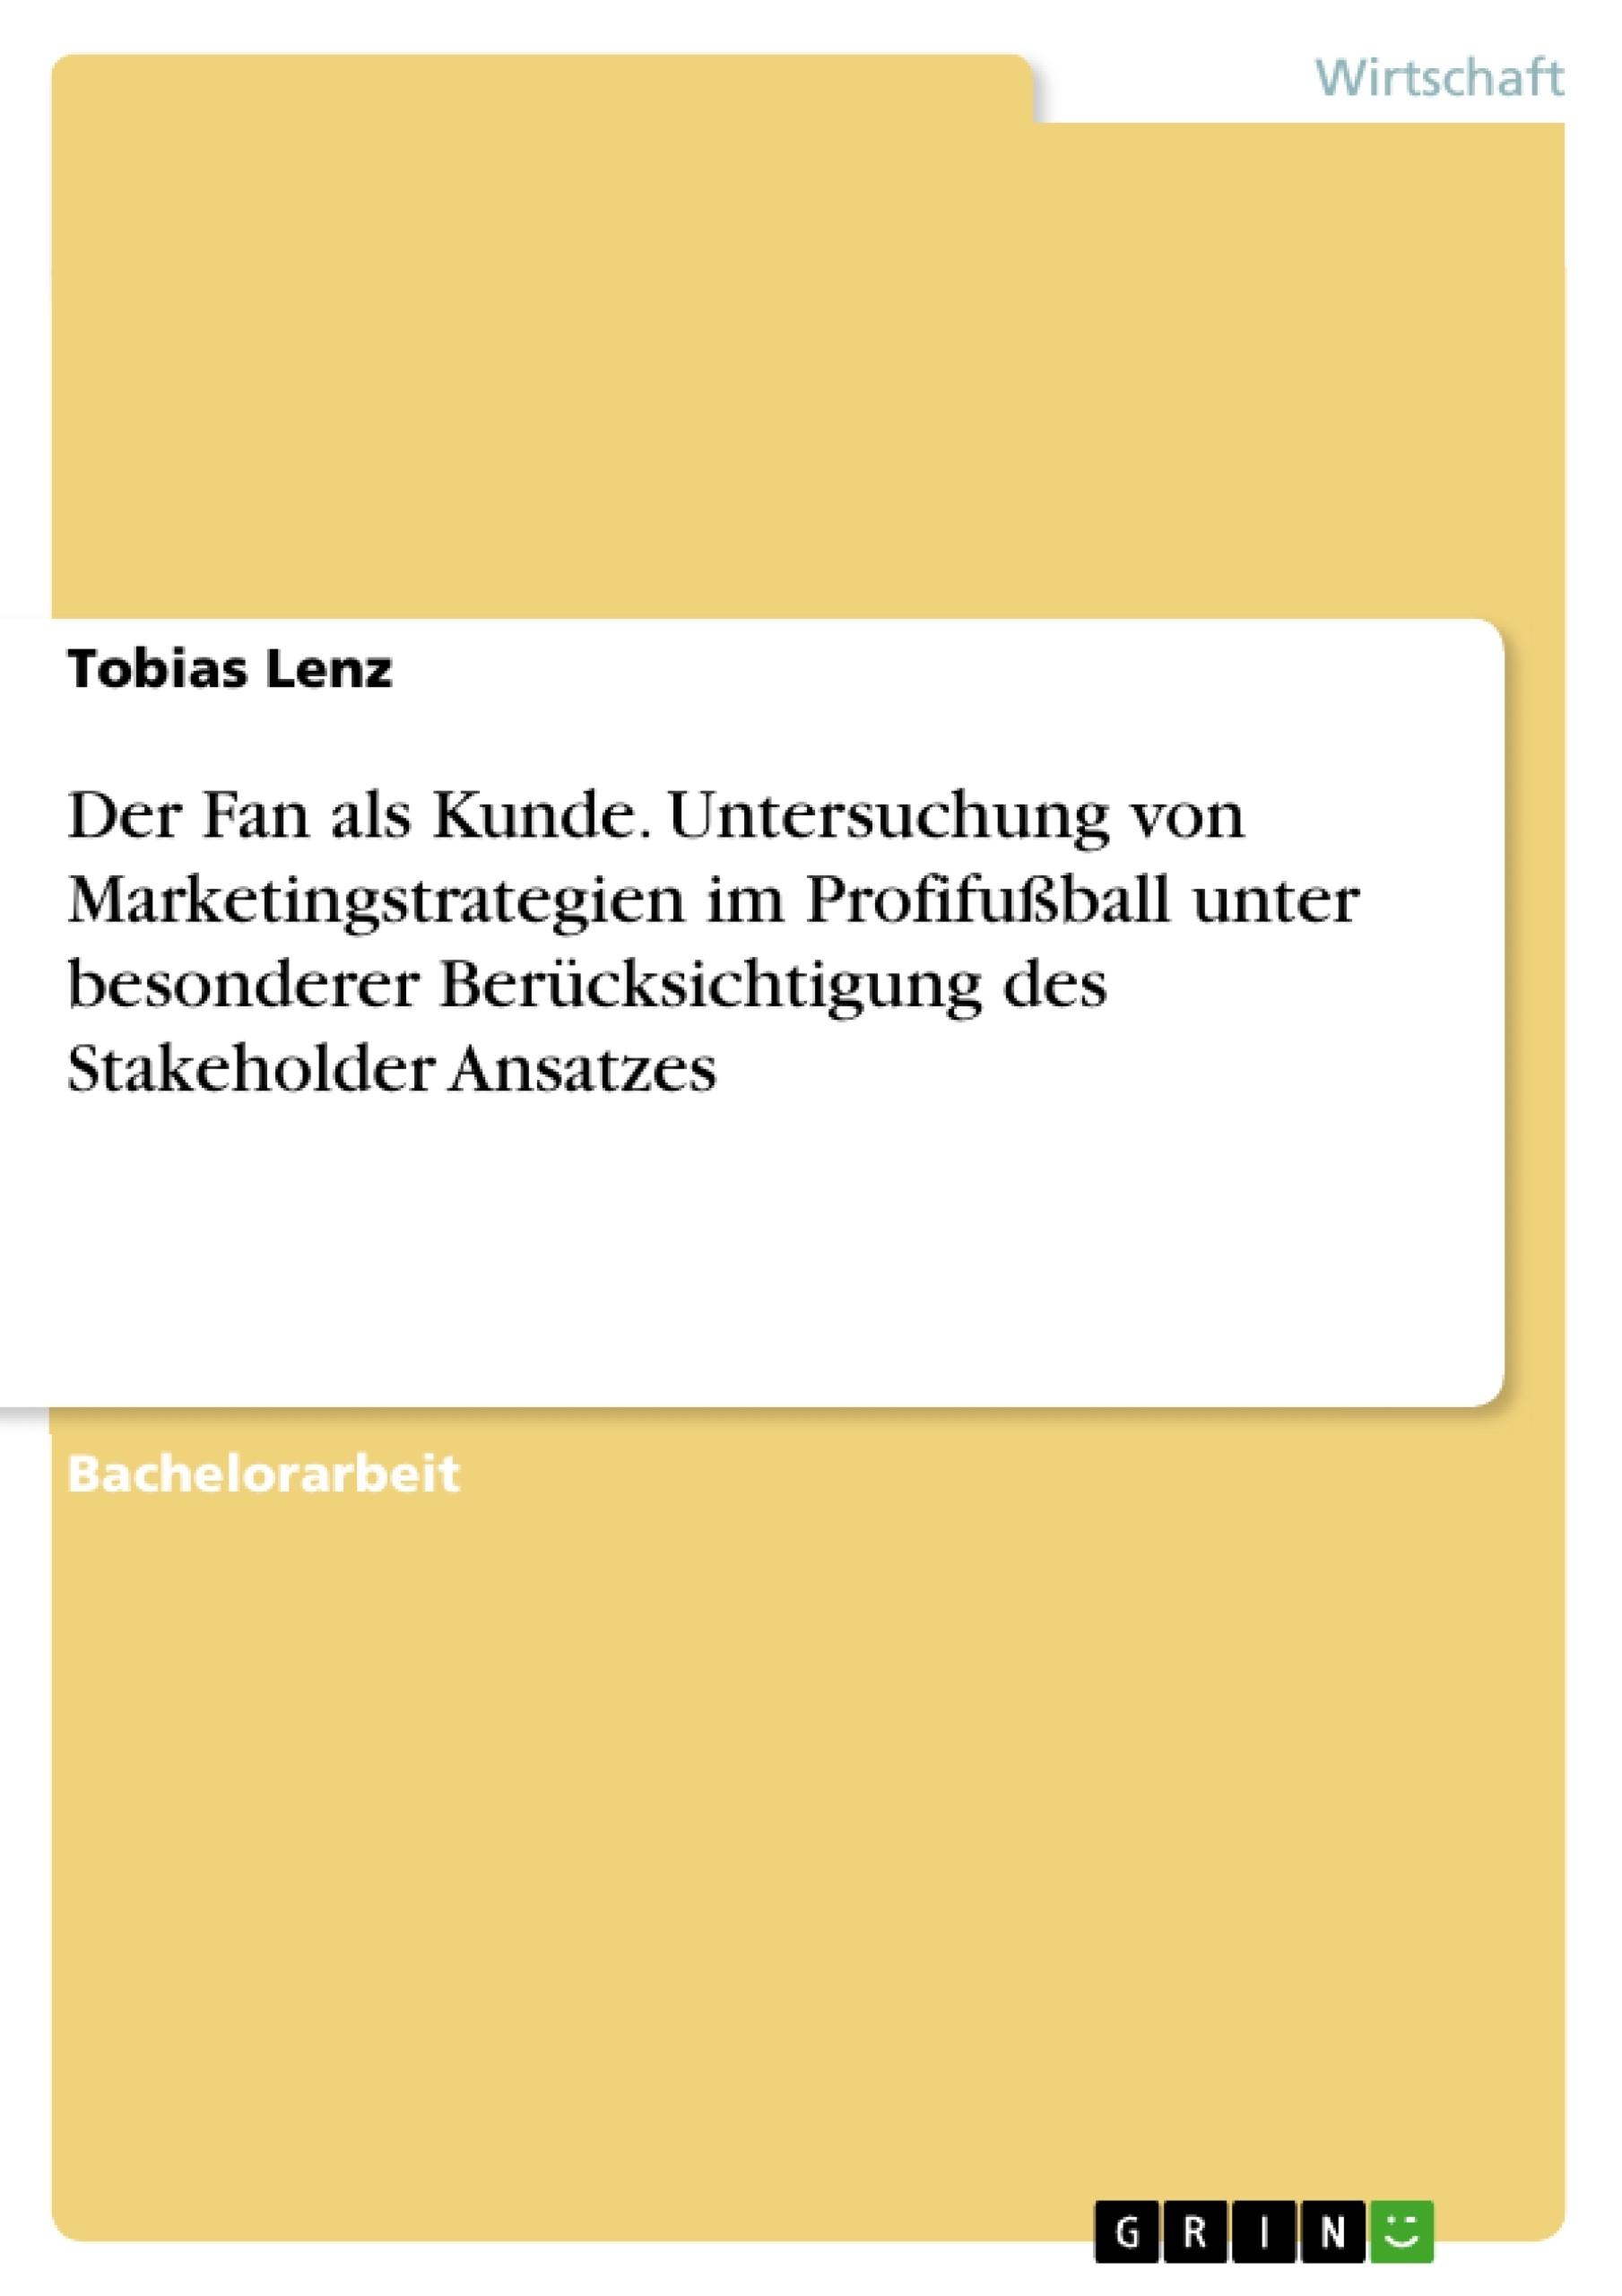 Titel: Der Fan als Kunde. Untersuchung von Marketingstrategien im Profifußball unter besonderer Berücksichtigung des Stakeholder Ansatzes